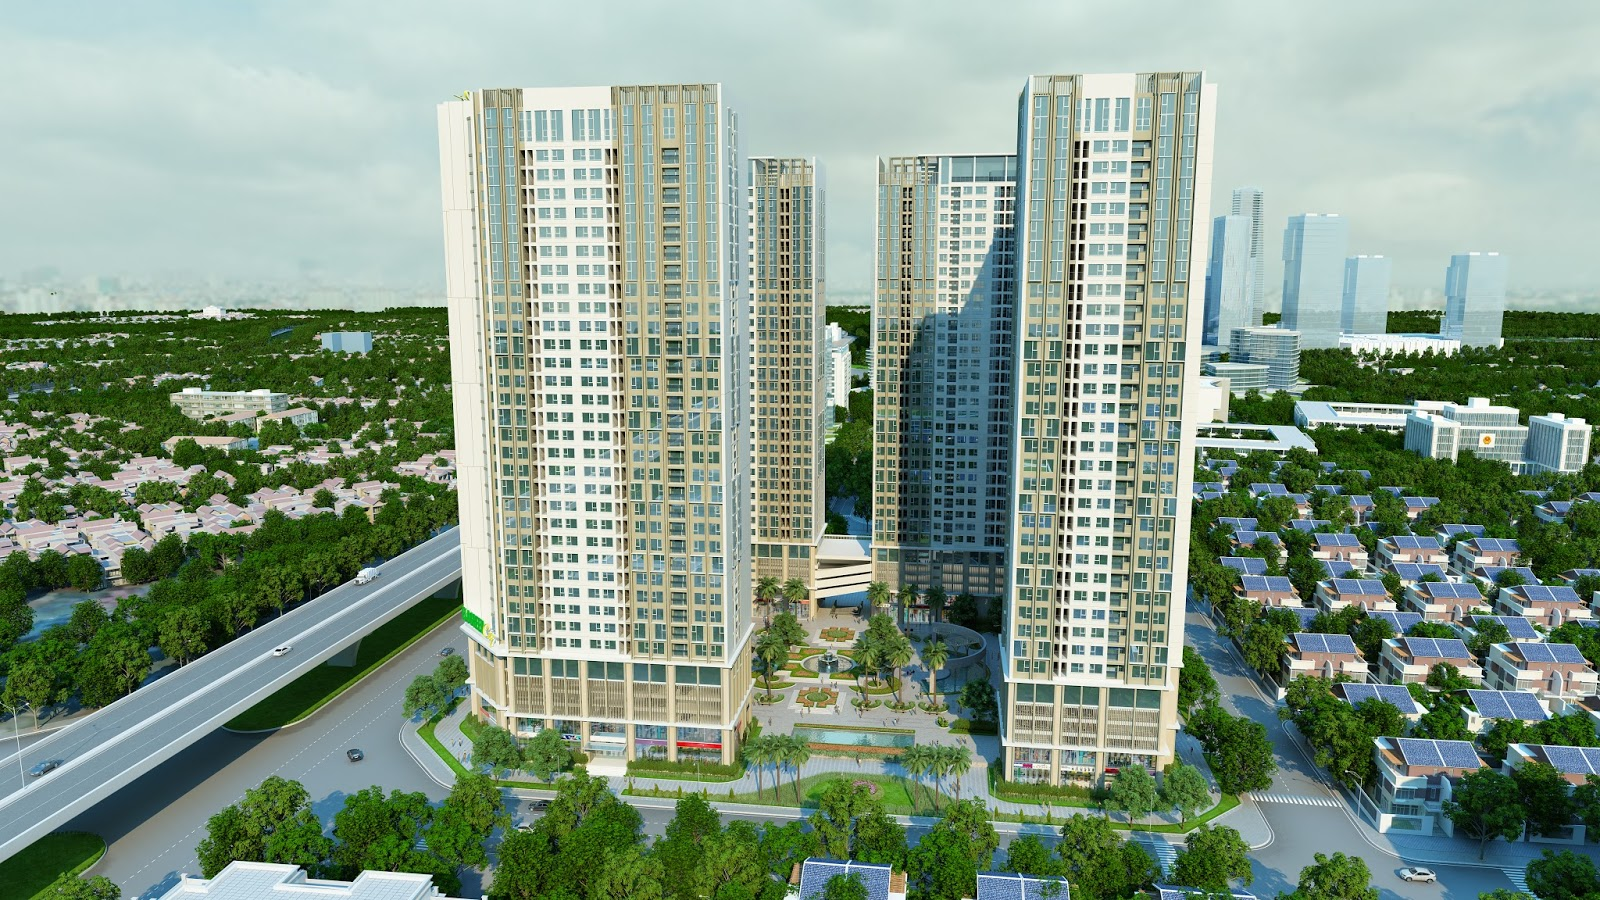 Kết quả hình ảnh cho pjoois cảnh eco green city